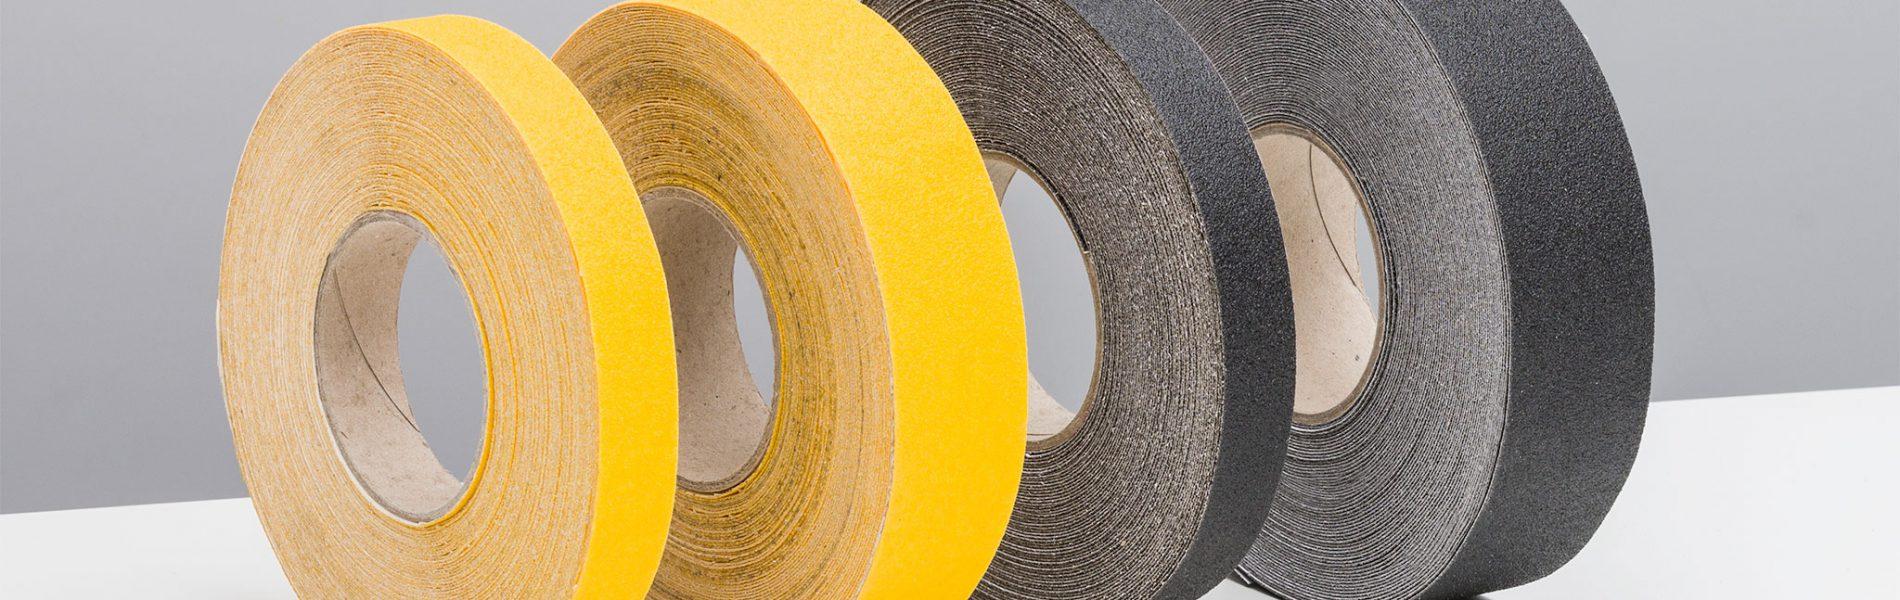 Brandschutzzertifikat HL3 für die Eigenmarke Safety Floor Standard fein P60 nach DIN 45545-2